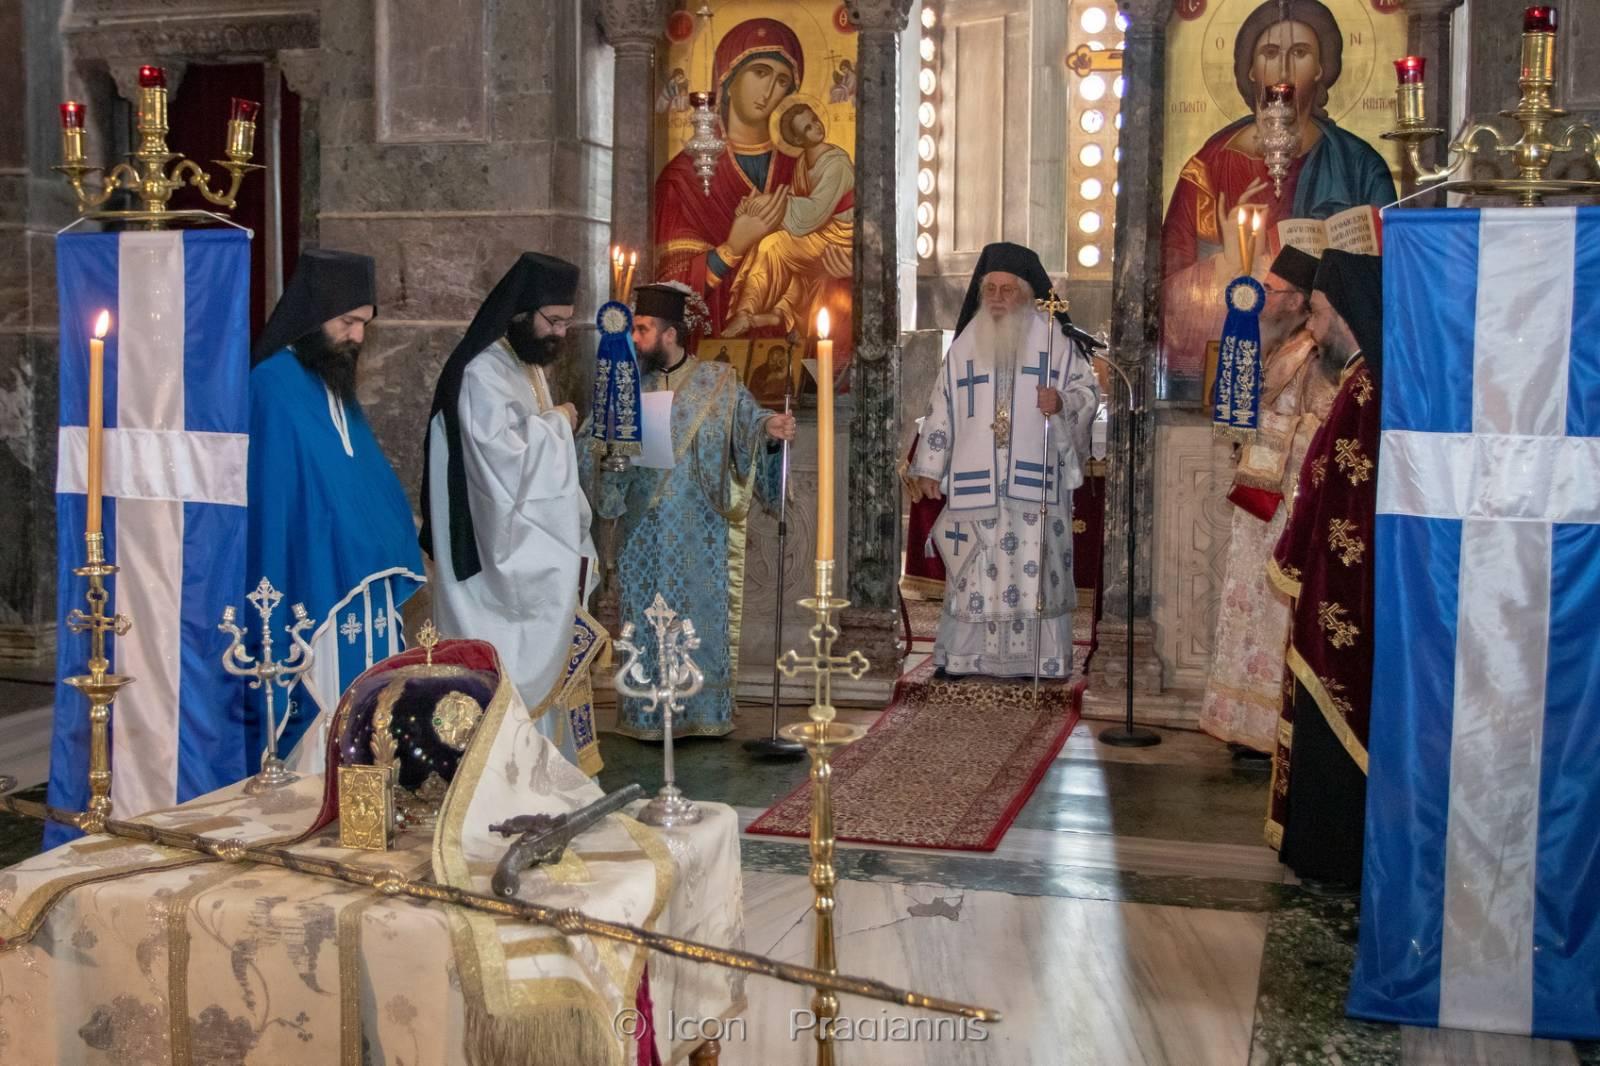 Μήνυμα για το Άγιο Πάσχα από τον Σεβασμιώτατο Μητροπολίτη Θηβών και Λεβαδείας κκ. Γεώργιο